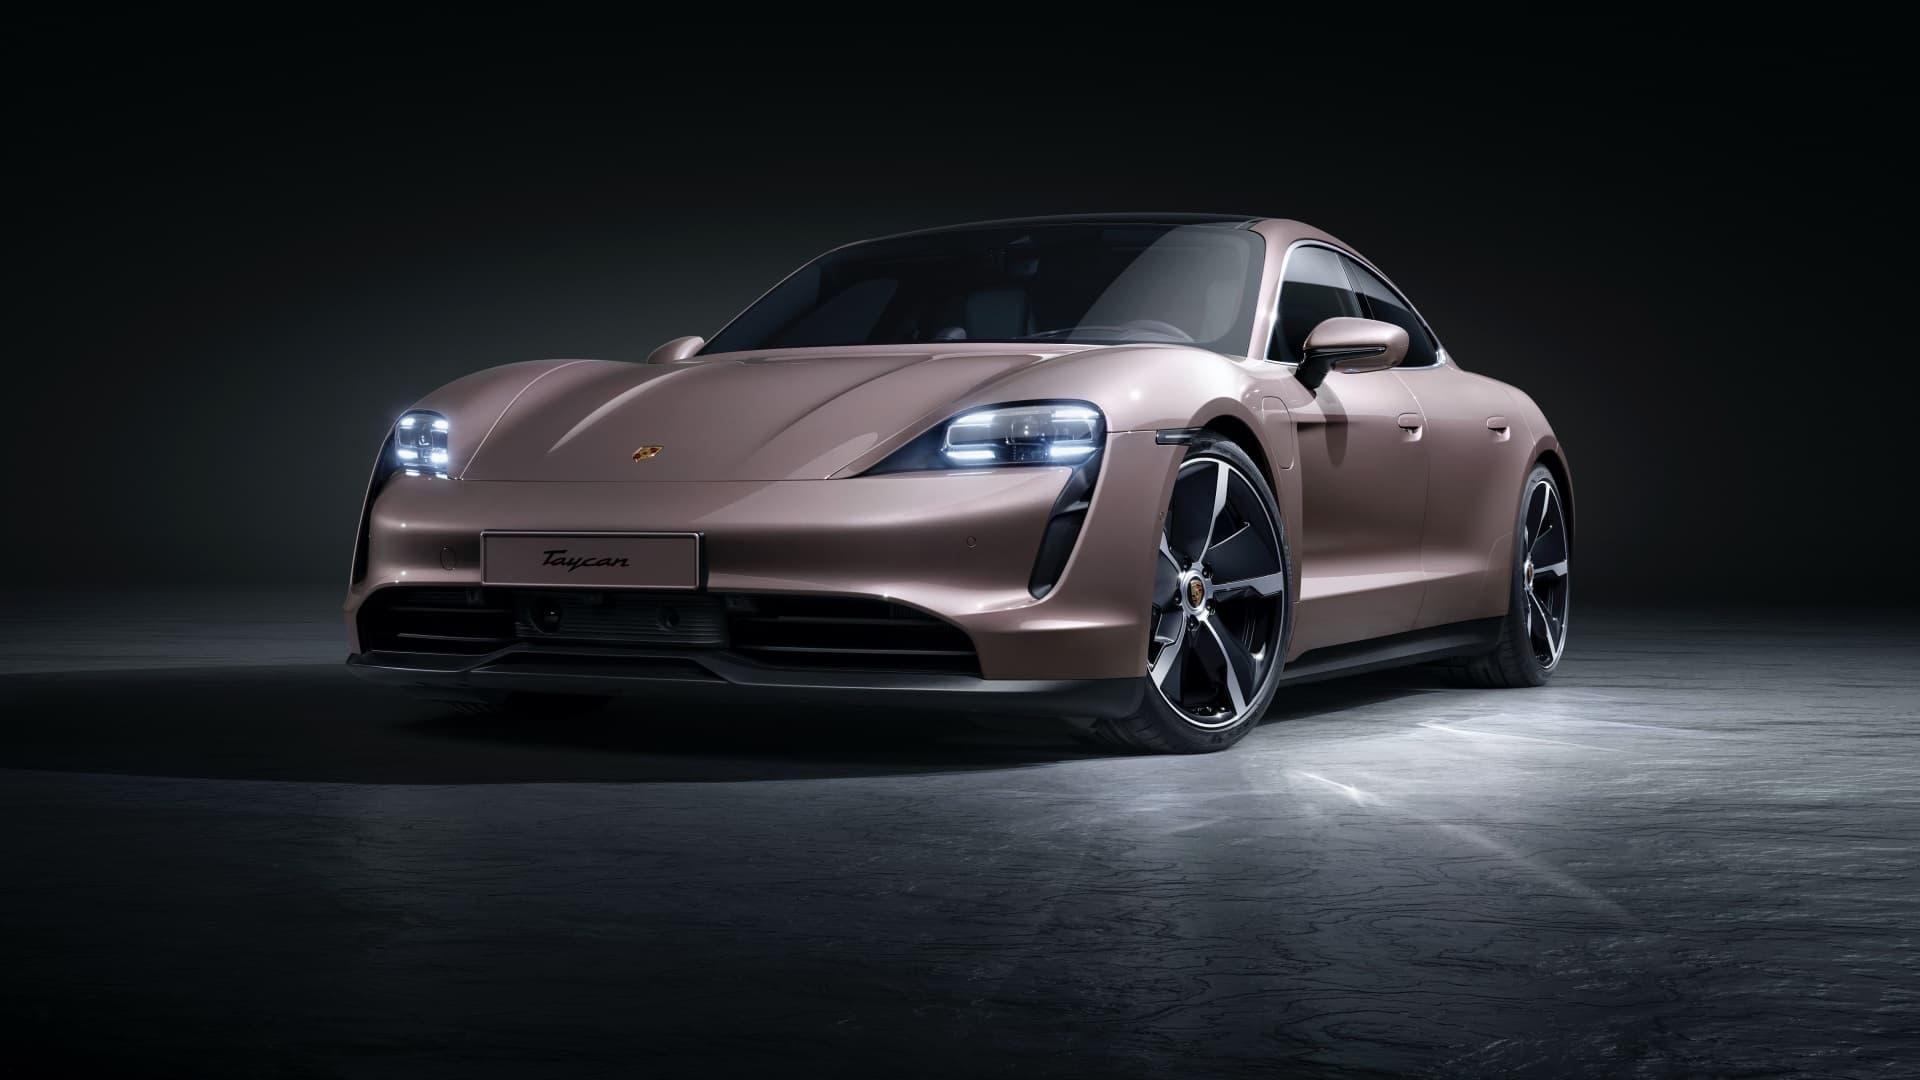 Fecha Presentacion Plan Moves Iii Porsche Taycan